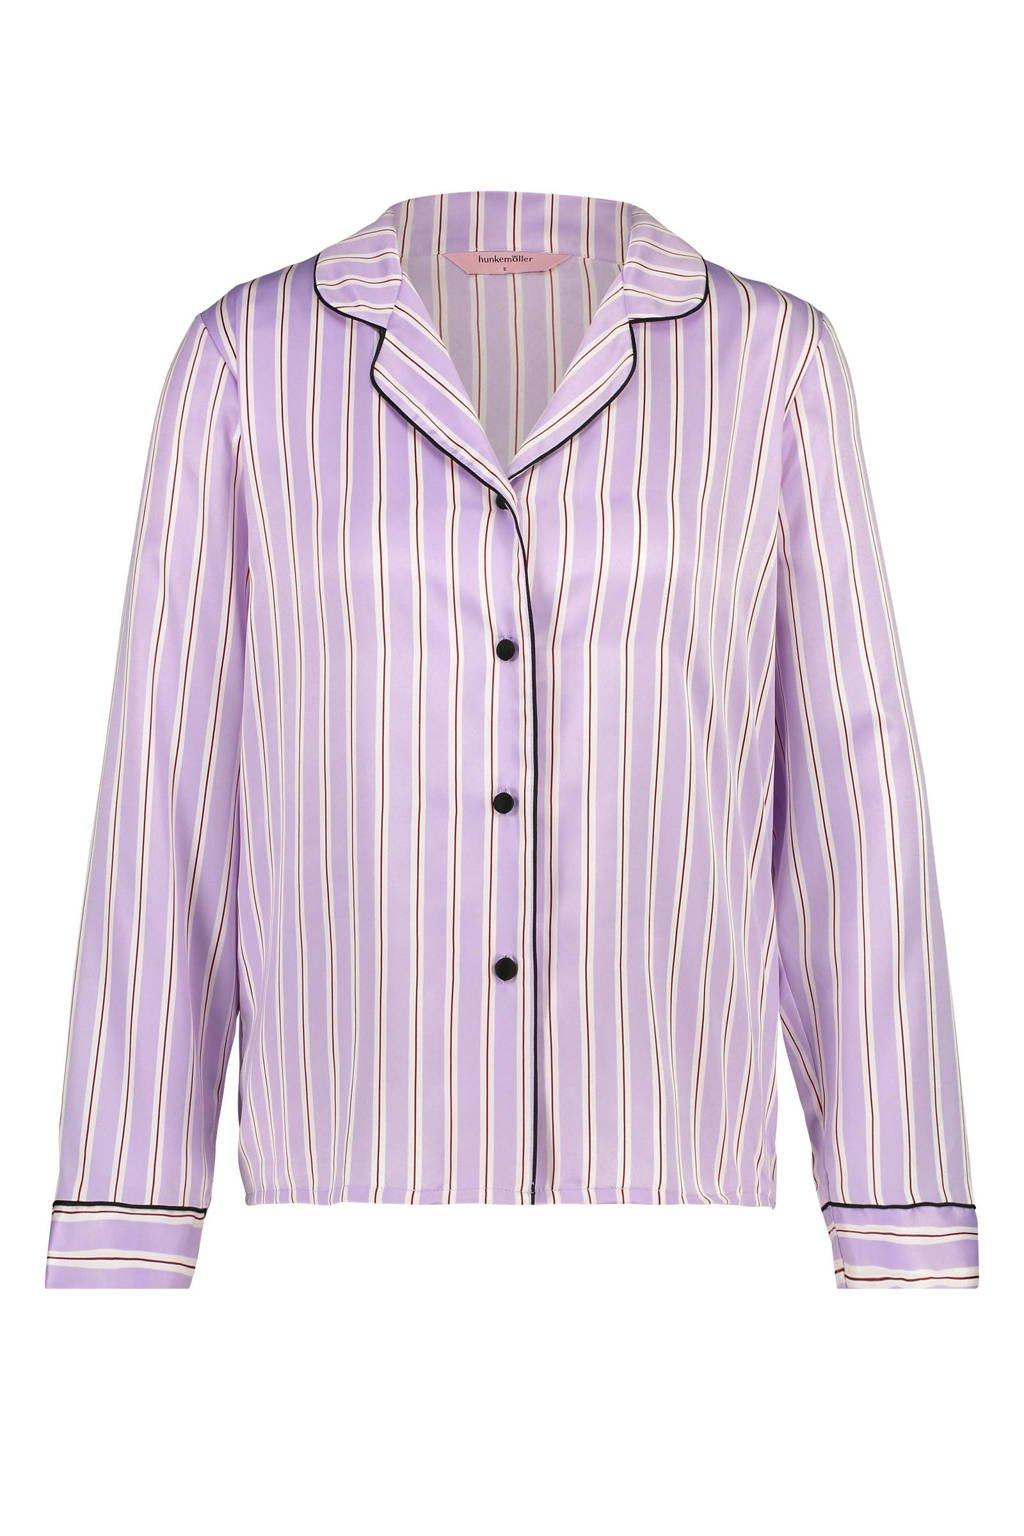 Hunkemöller pyjamatop streepdessin roze, Paars